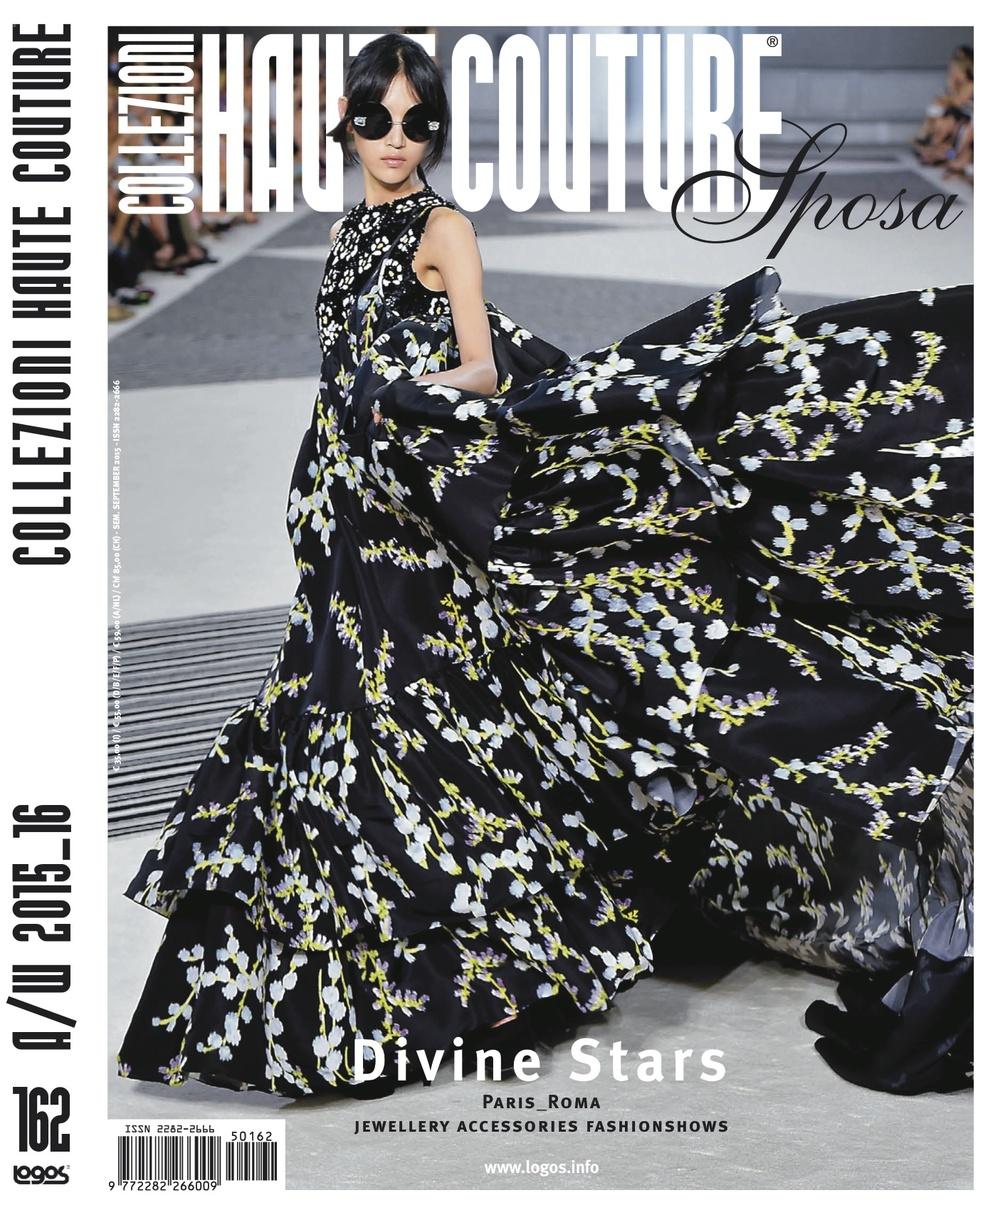 HC 162 COVER.jpg